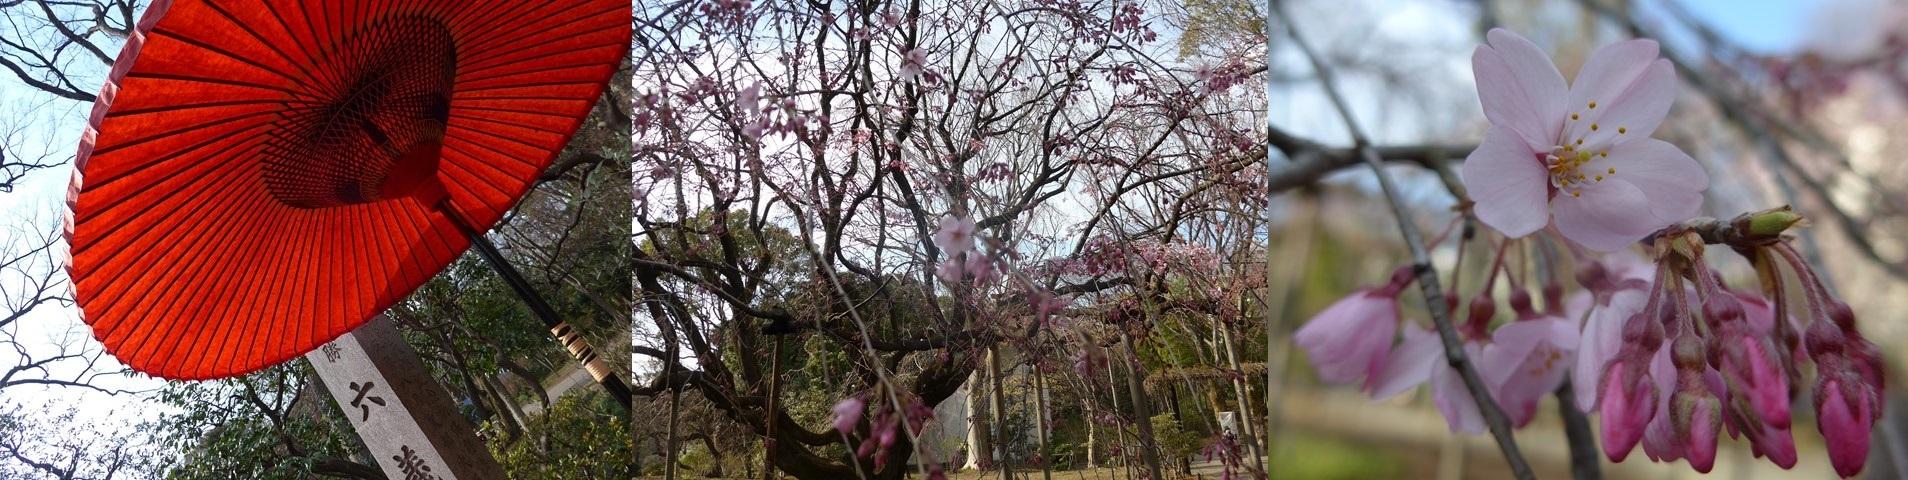 咲き始めた桜を愛でながら、、、看護師特定行為、臨床研修、医療計画_b0115629_23282700.jpg